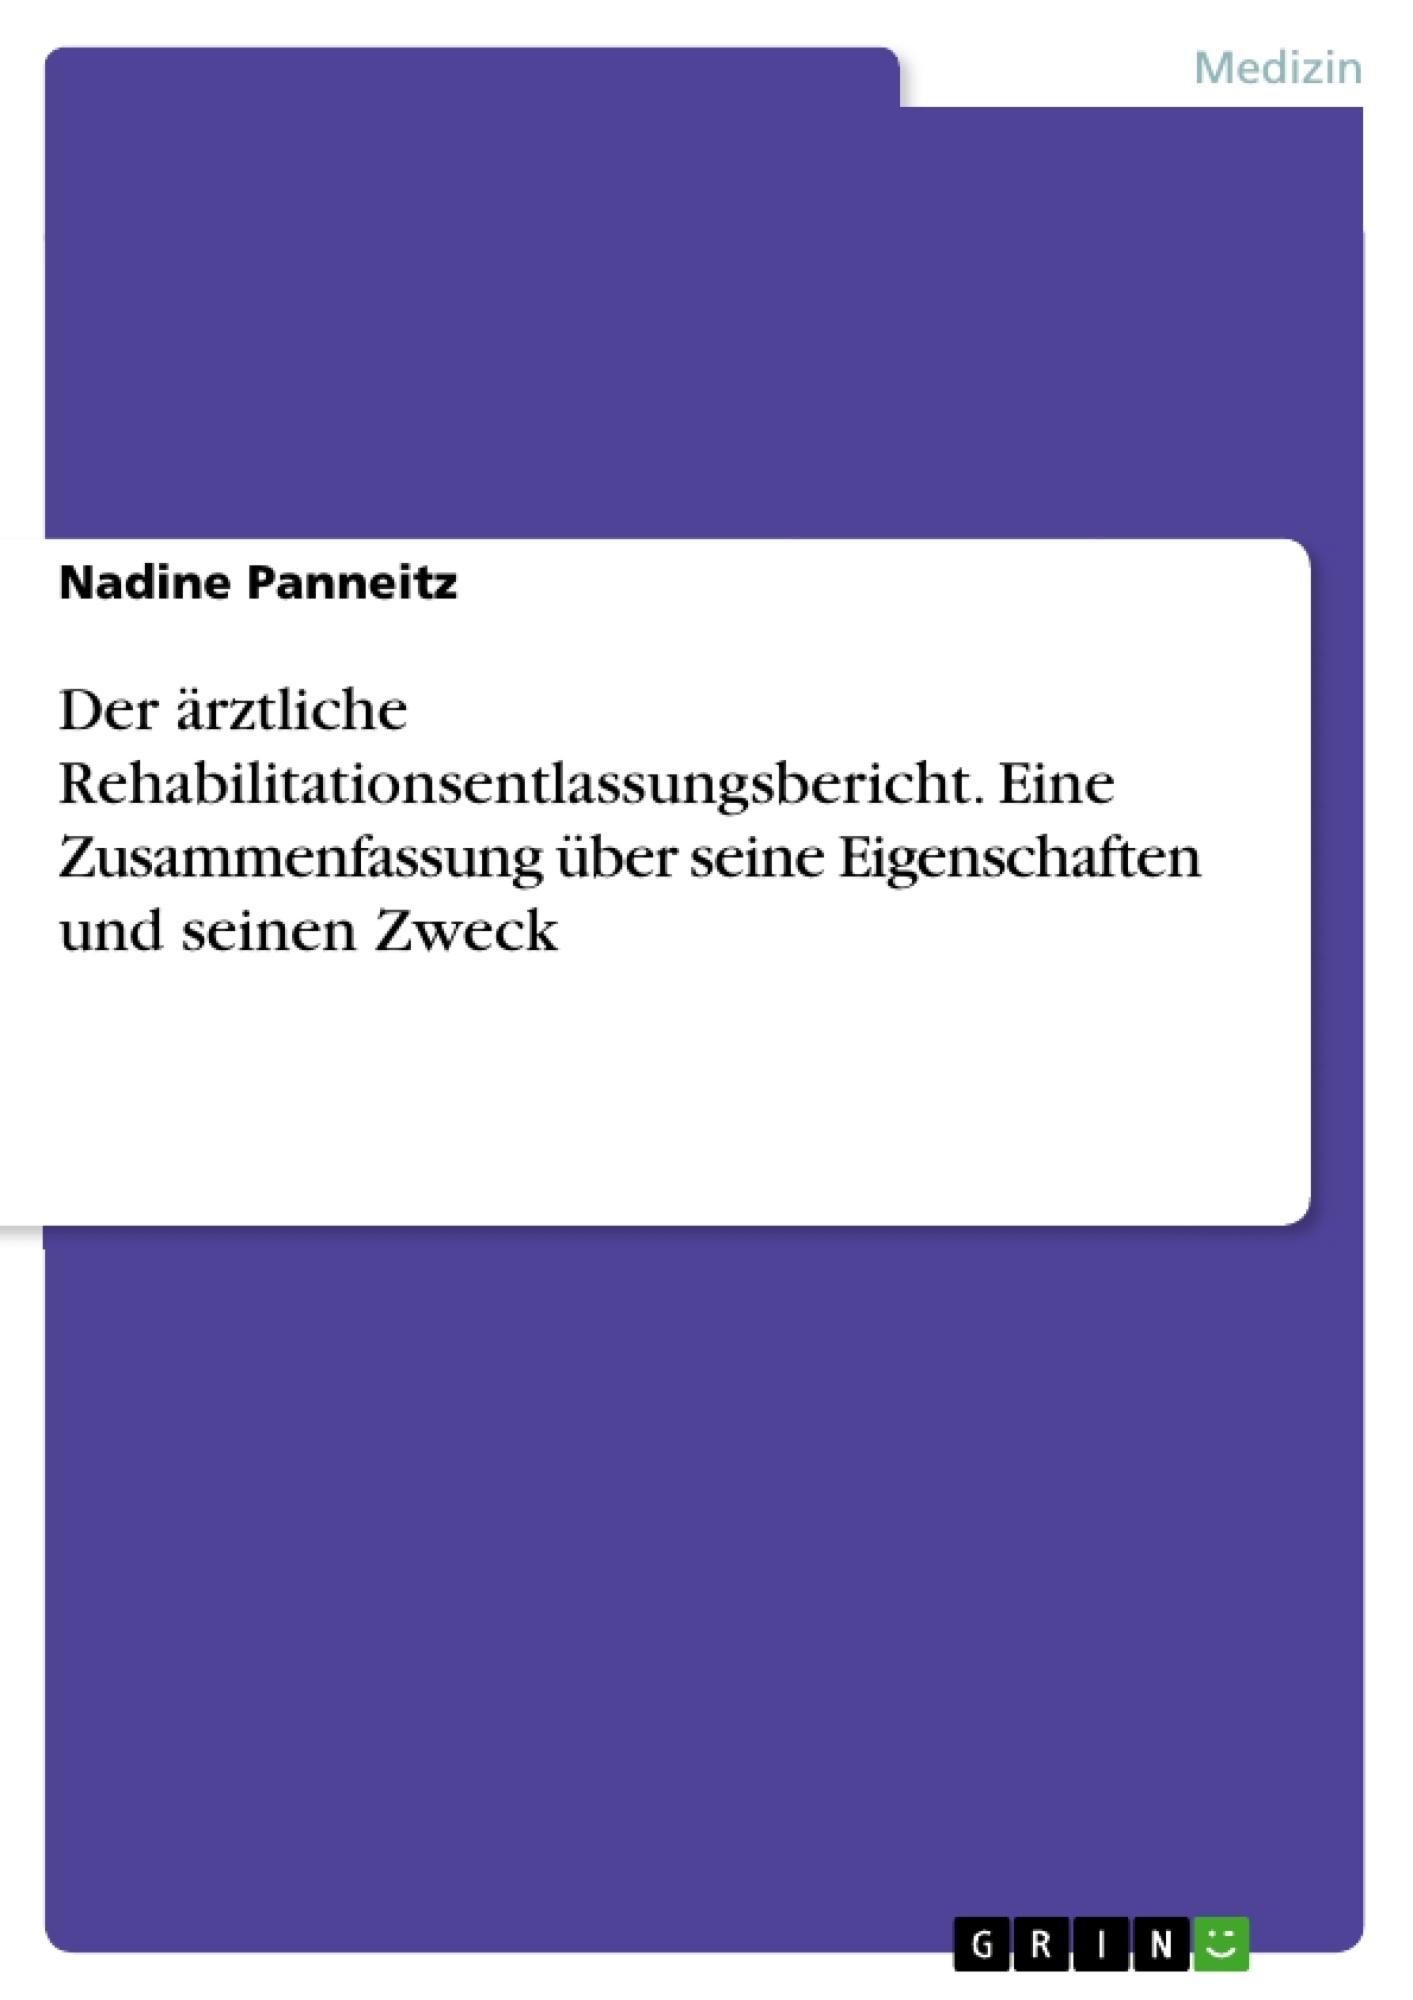 Titel: Der ärztliche Rehabilitationsentlassungsbericht. Eine Zusammenfassung über seine Eigenschaften und seinen Zweck